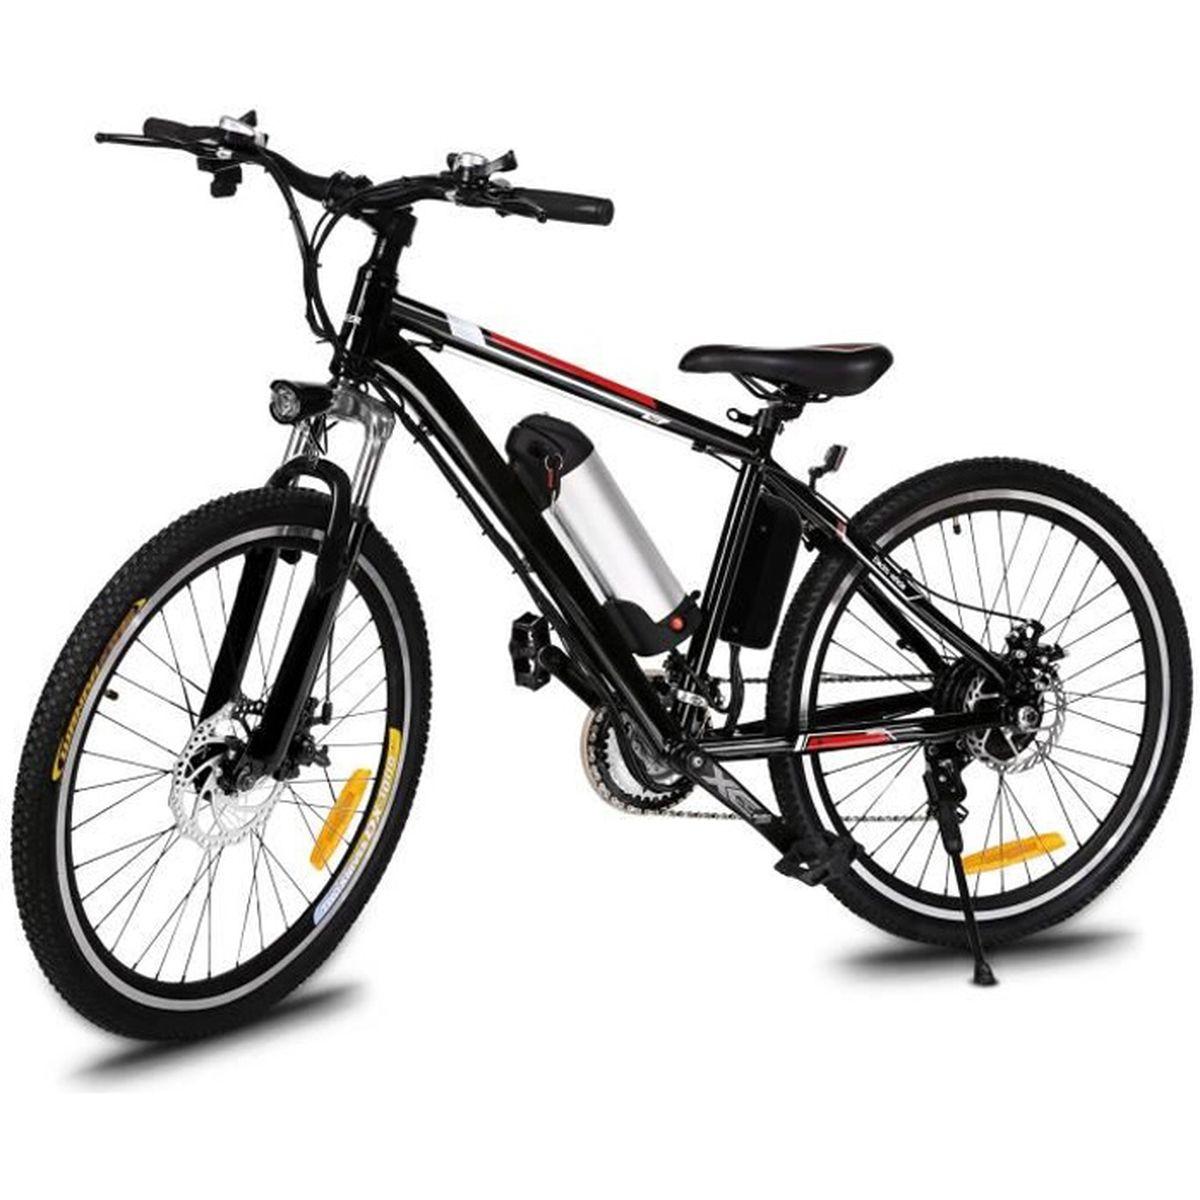 26-700 C Tortec Bicyclette Cycle Vélo Vitesse Hybride rack arrière Noir